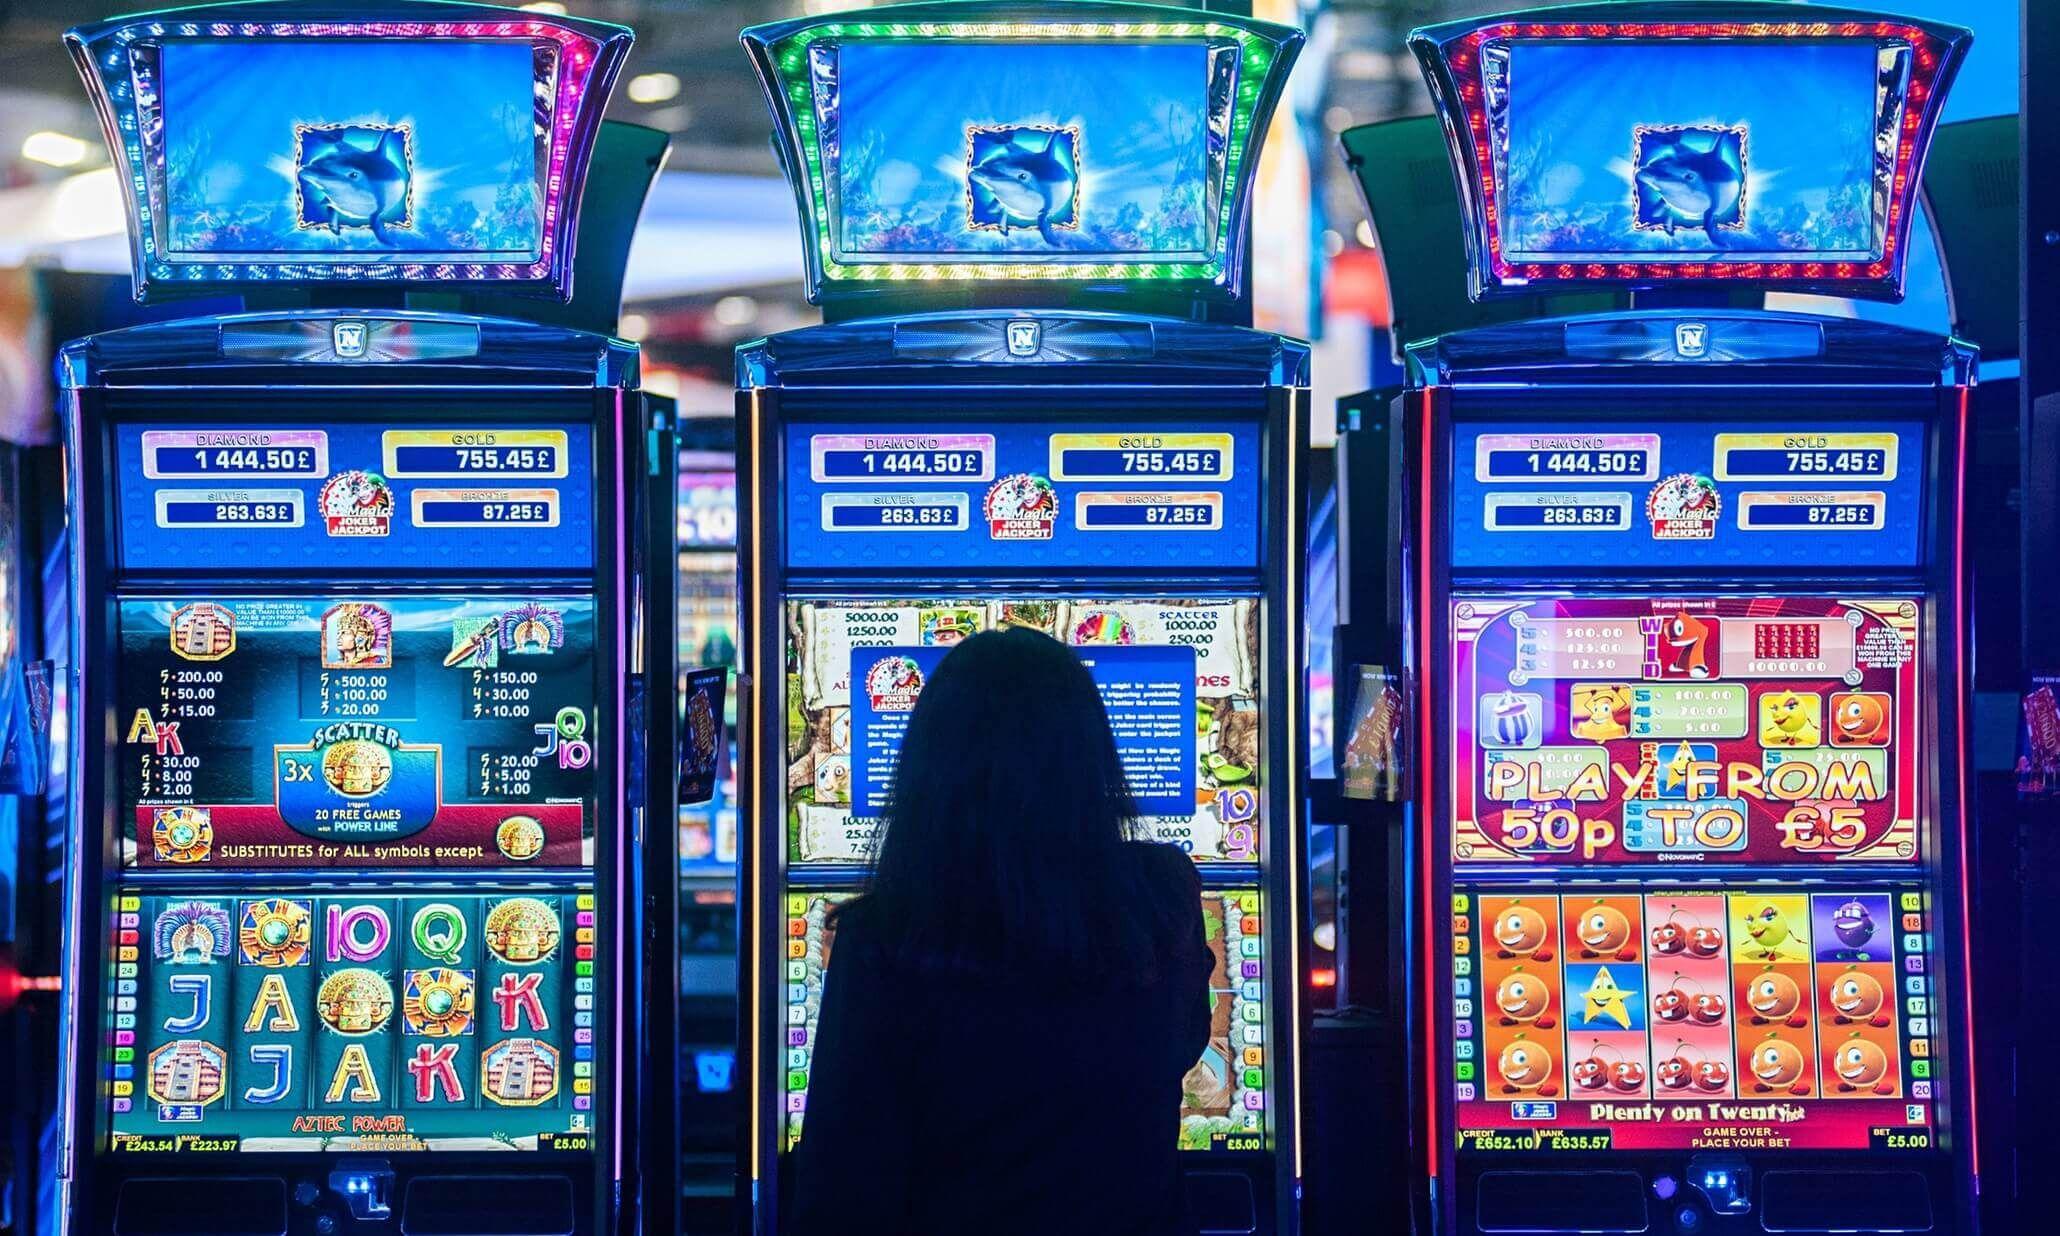 игровые автоматы играть на деньги в украине с выводом